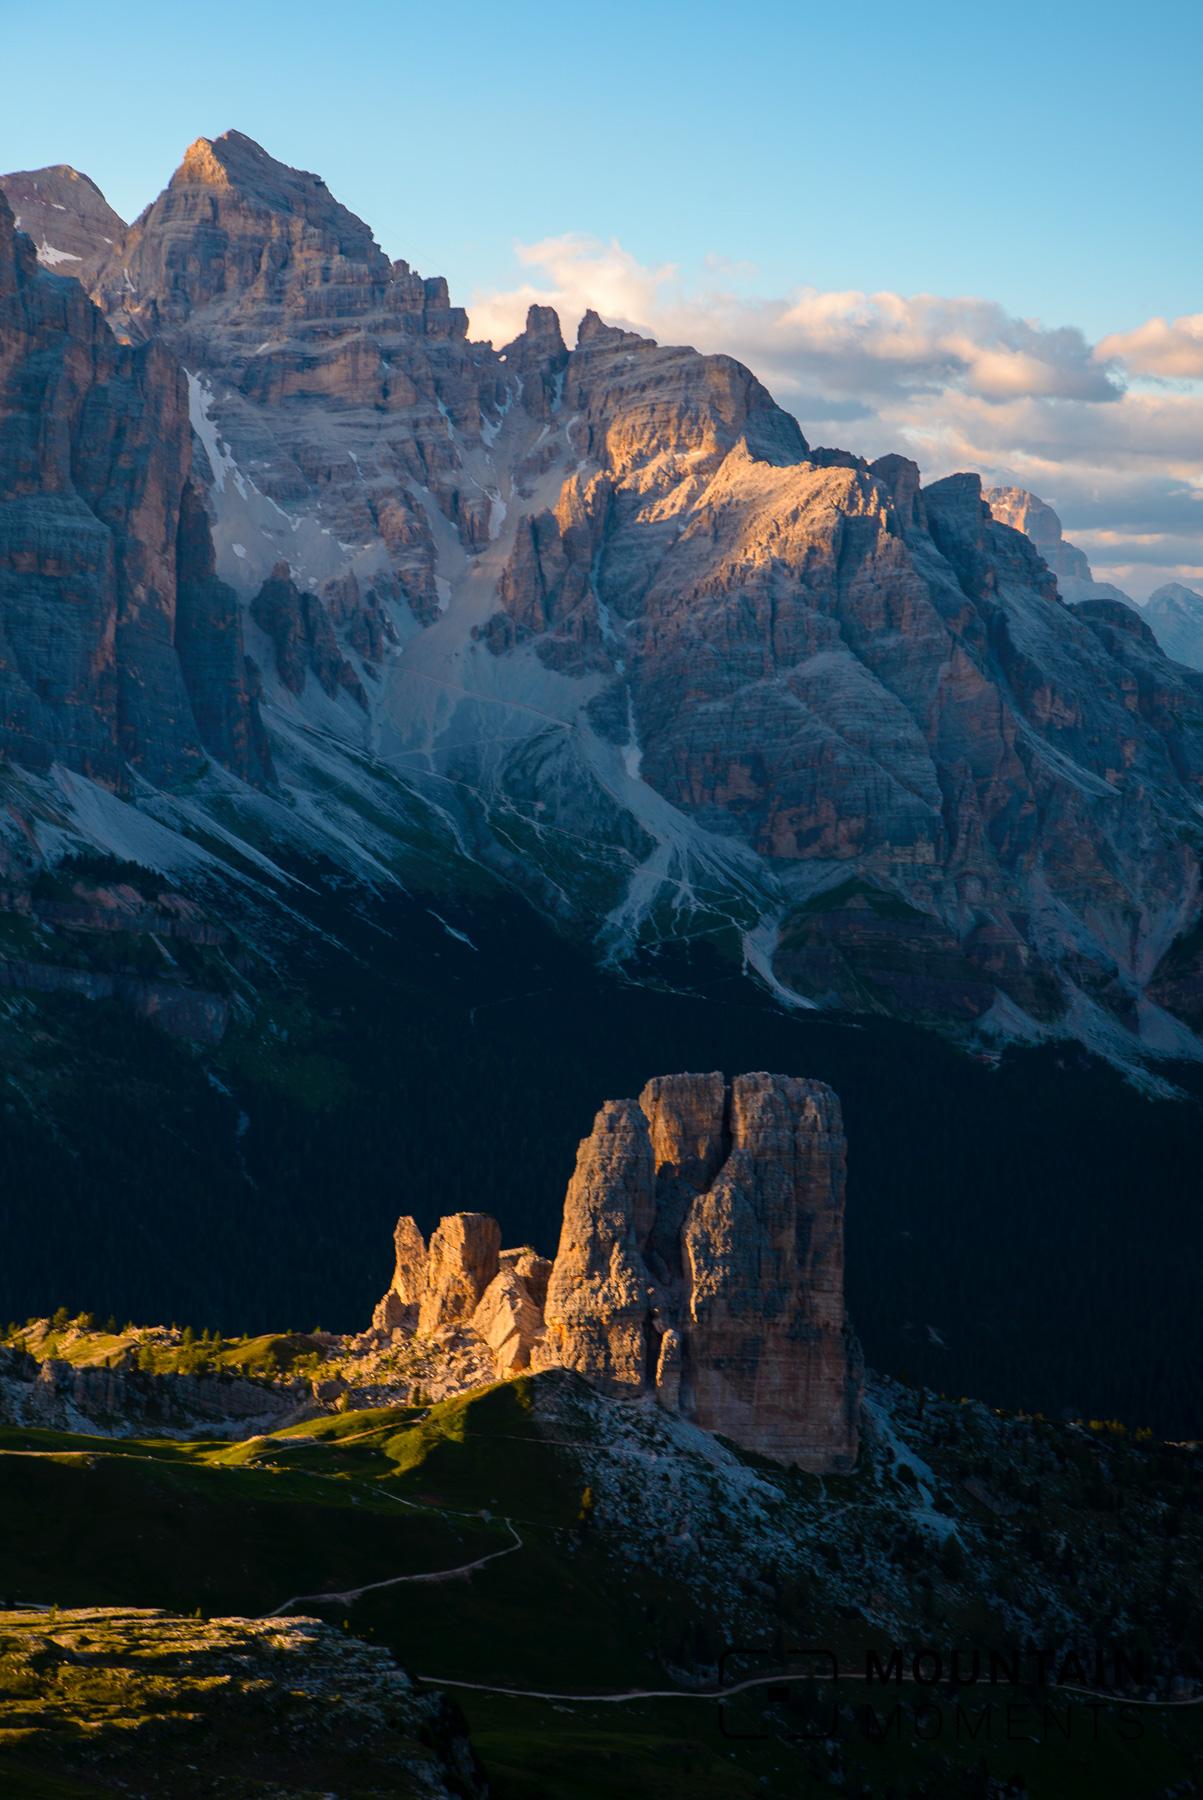 Karersee, Fotospot Dolomiten, fotowandern dolomiten, fotospot cinque torri, photo hike dolomites, sightseeing dolomites, cinque torri